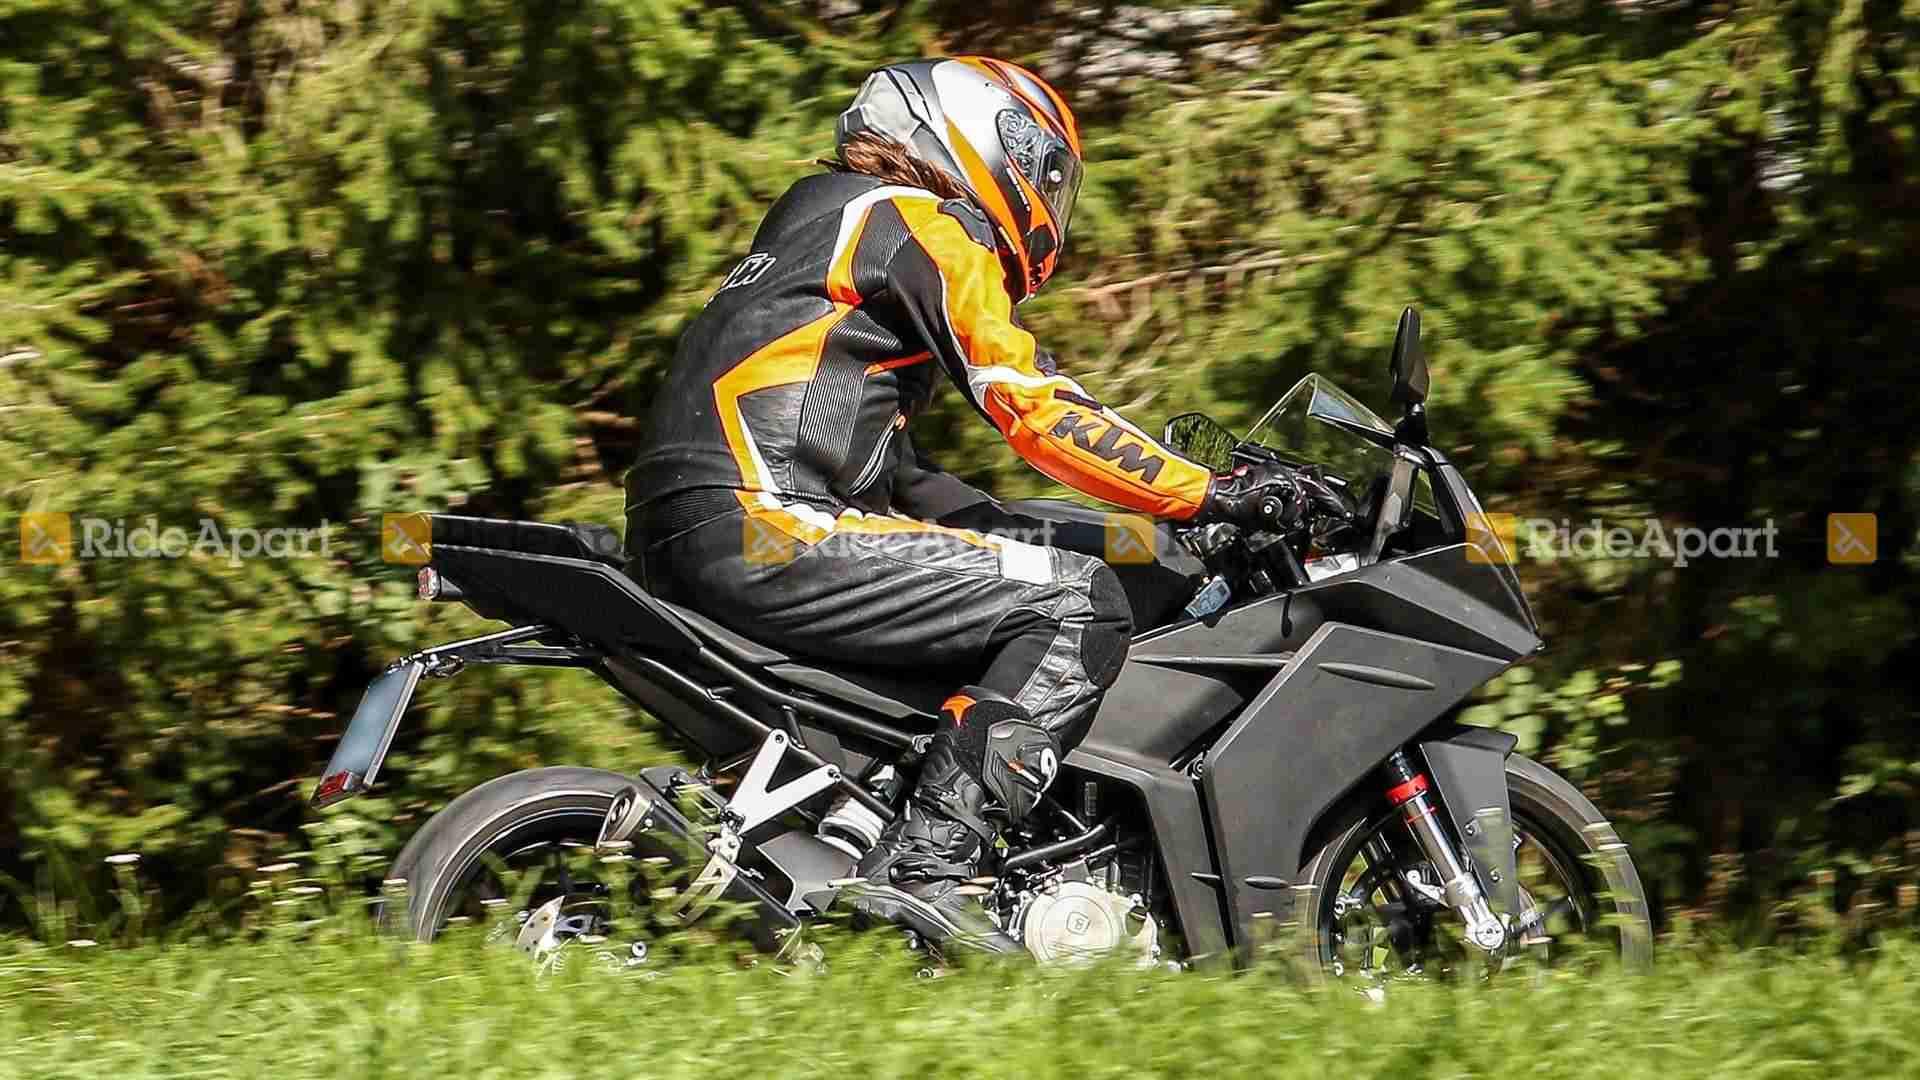 Next-gen KTM RC 390 test mule